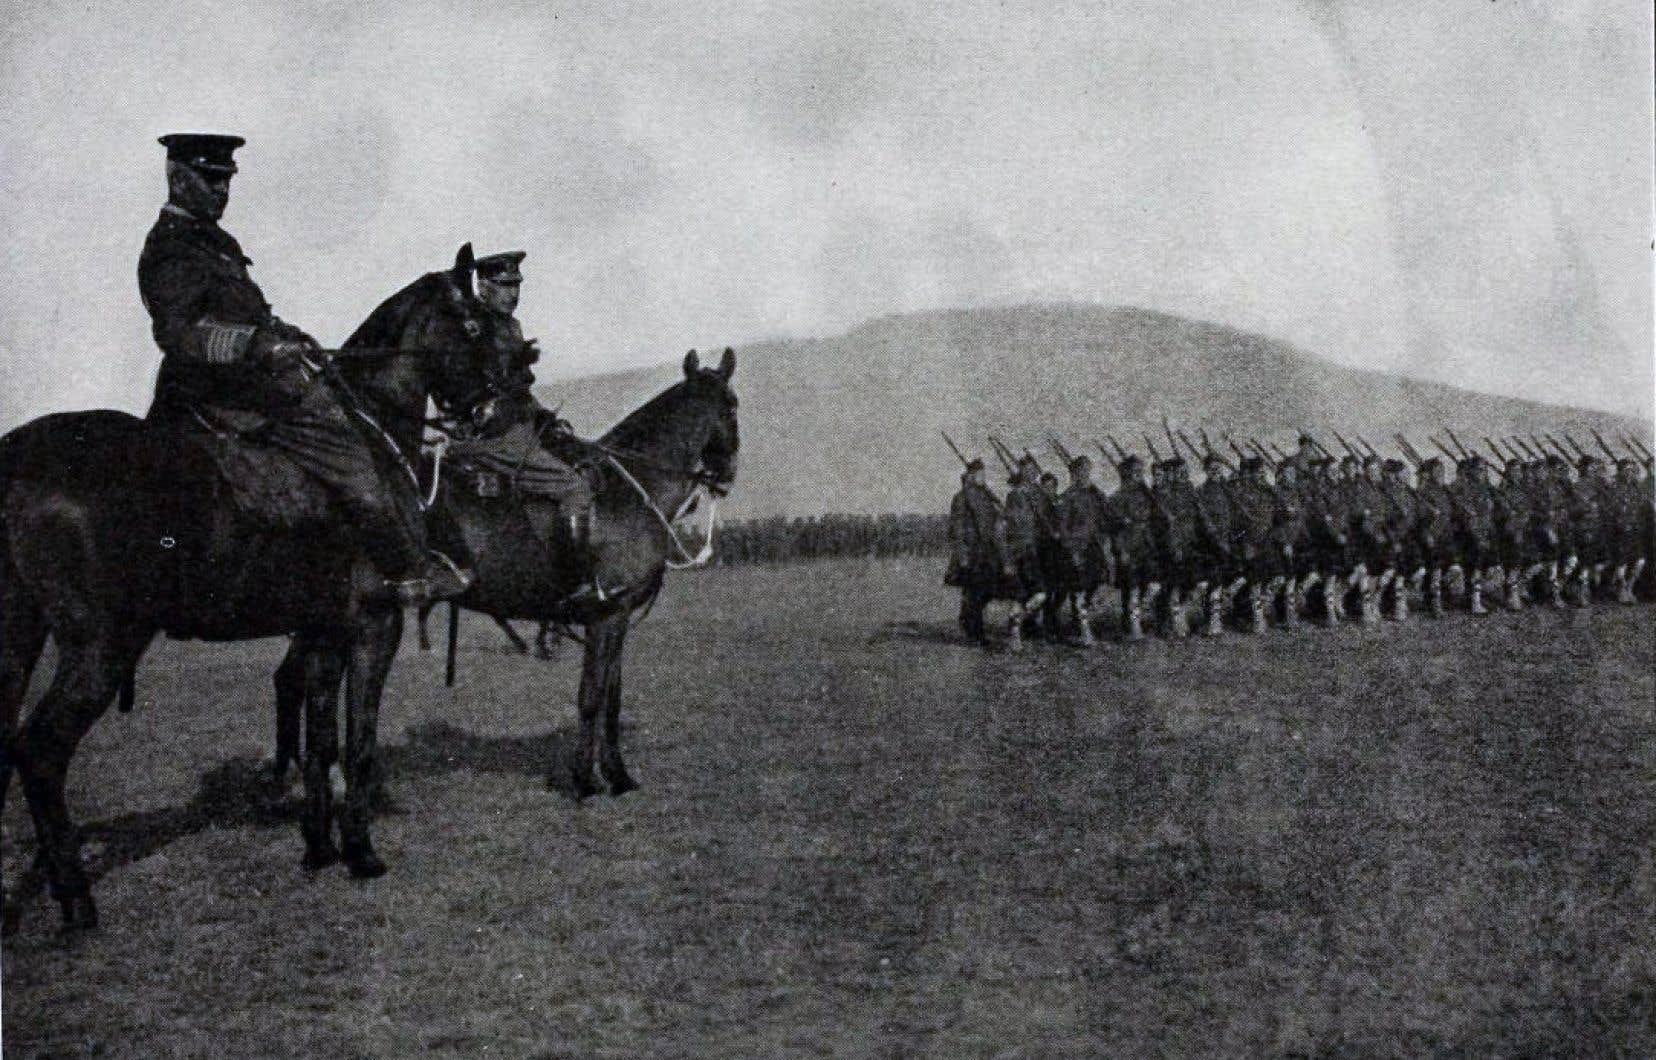 Les 31 200 hommes du premier contingent canadien avant leur départ pour la Grande-Bretagne, en 1915.